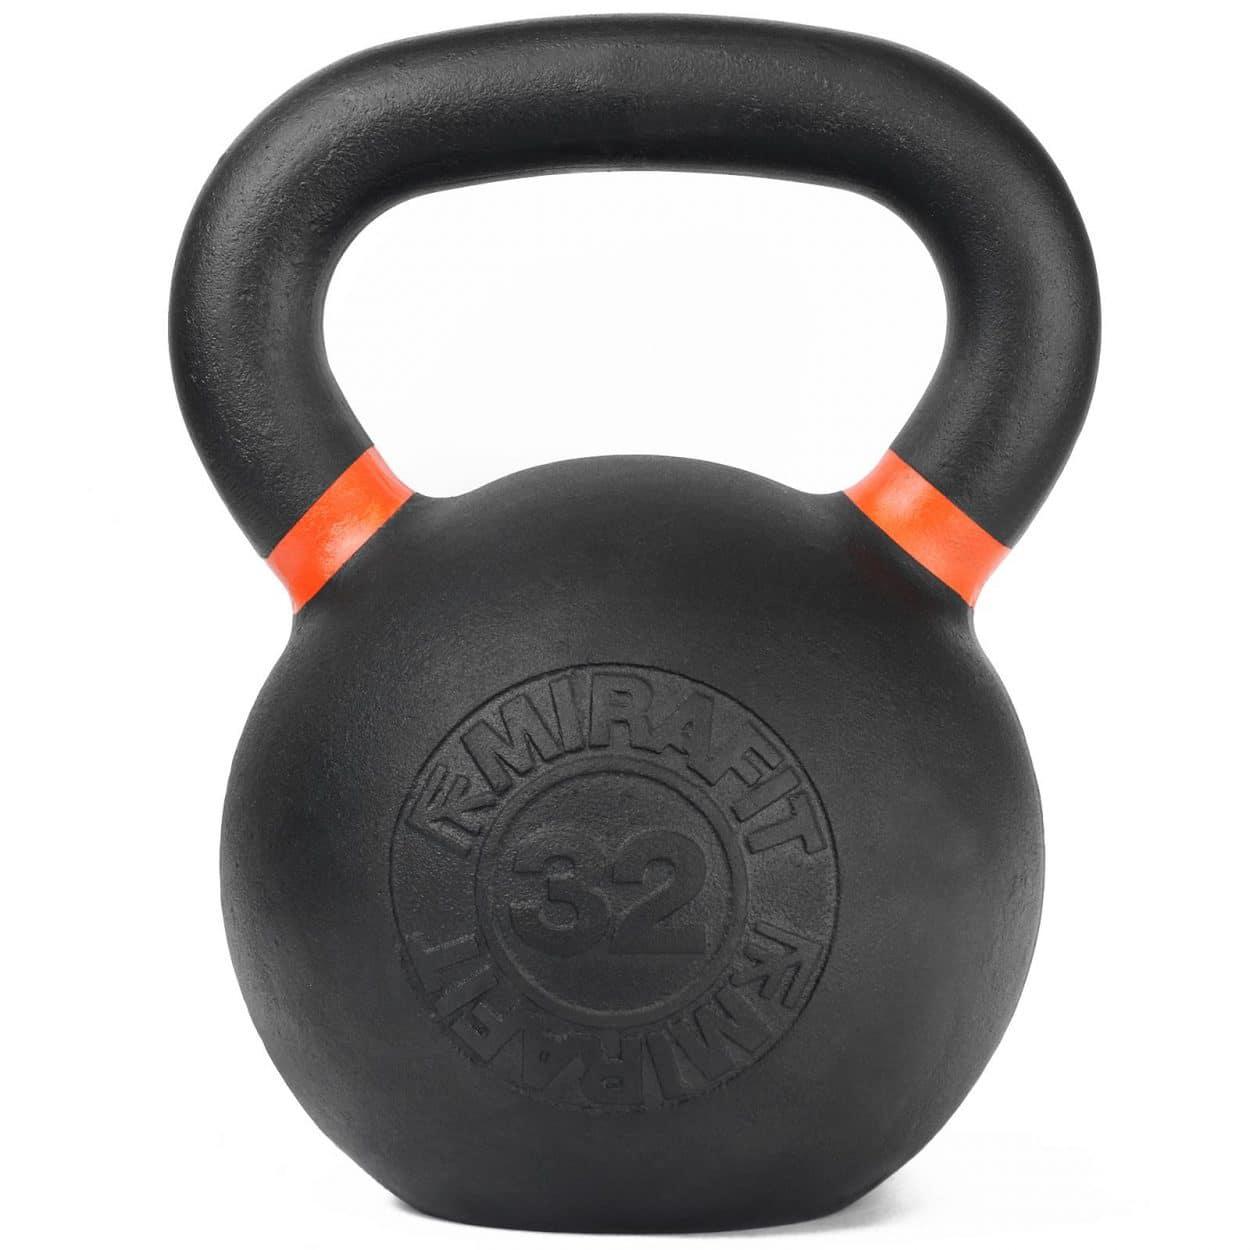 Mirafit Cast Iron Kettlebell – 32kg